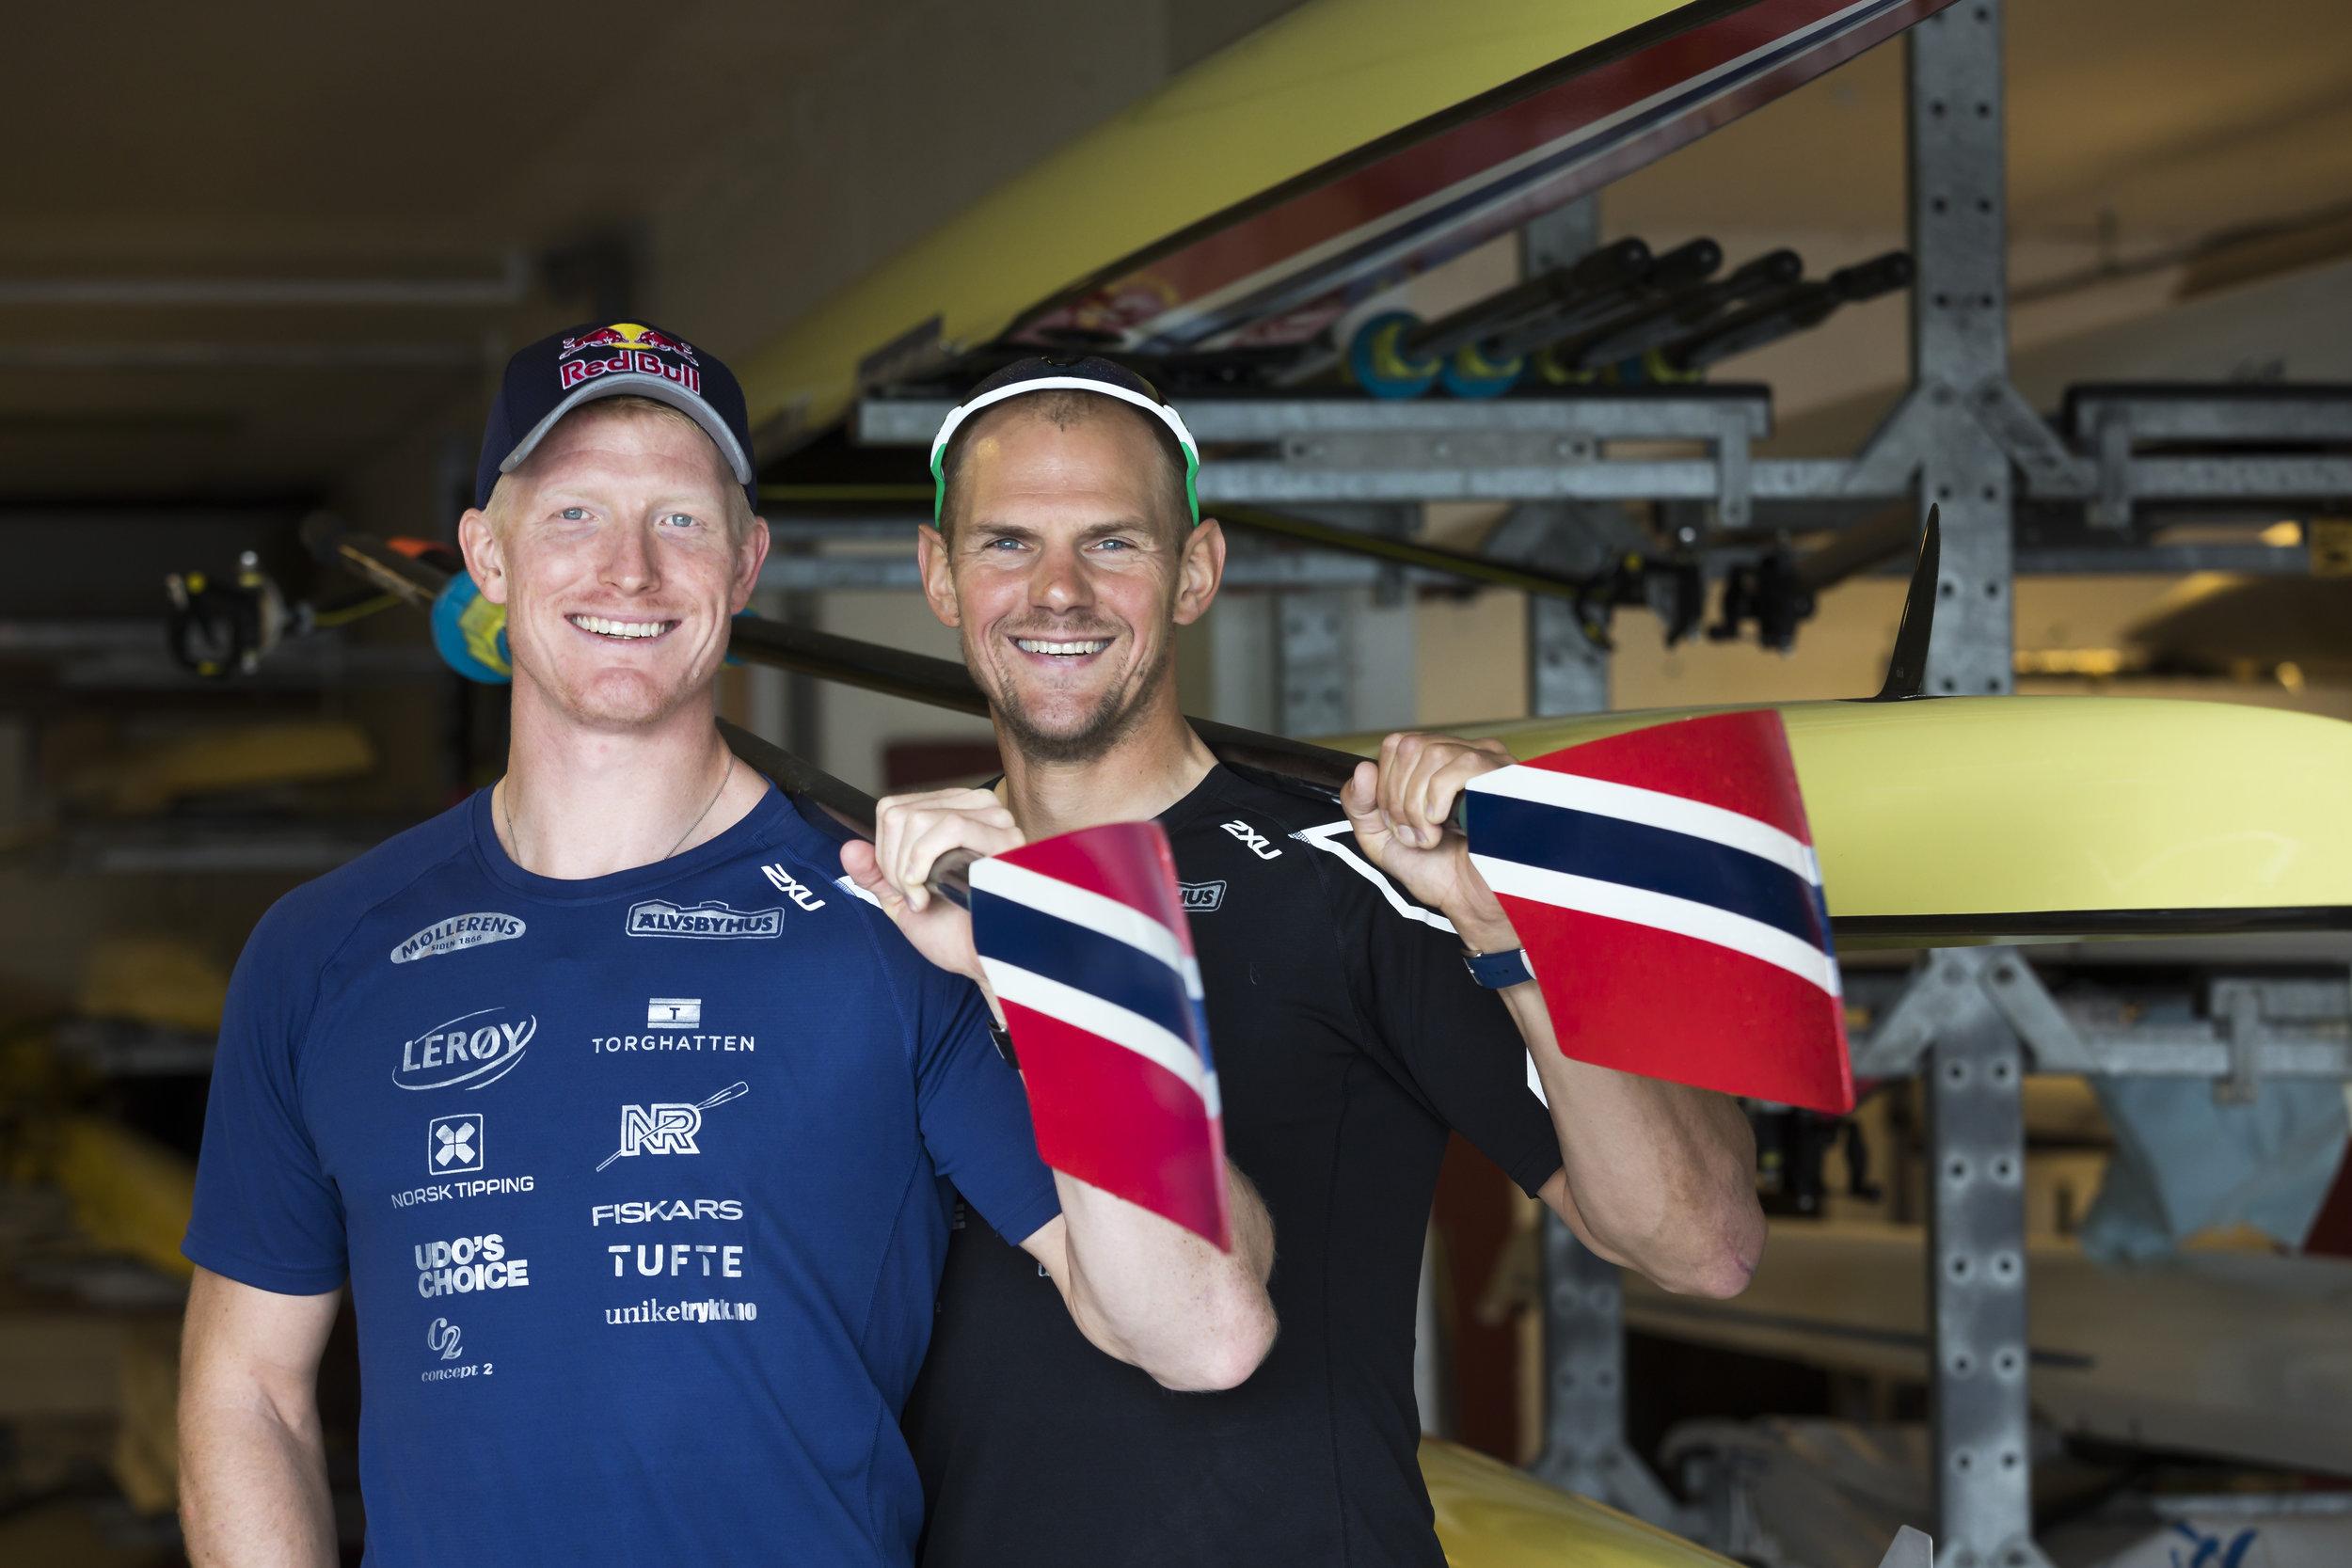 Kjetil Borch (t.v.) og Olaf Tufte var en av fire norske bronsevinnere i OL i 2016. Norge tok null gull. FOTO: Cornelius Poppe/NTB scanpix